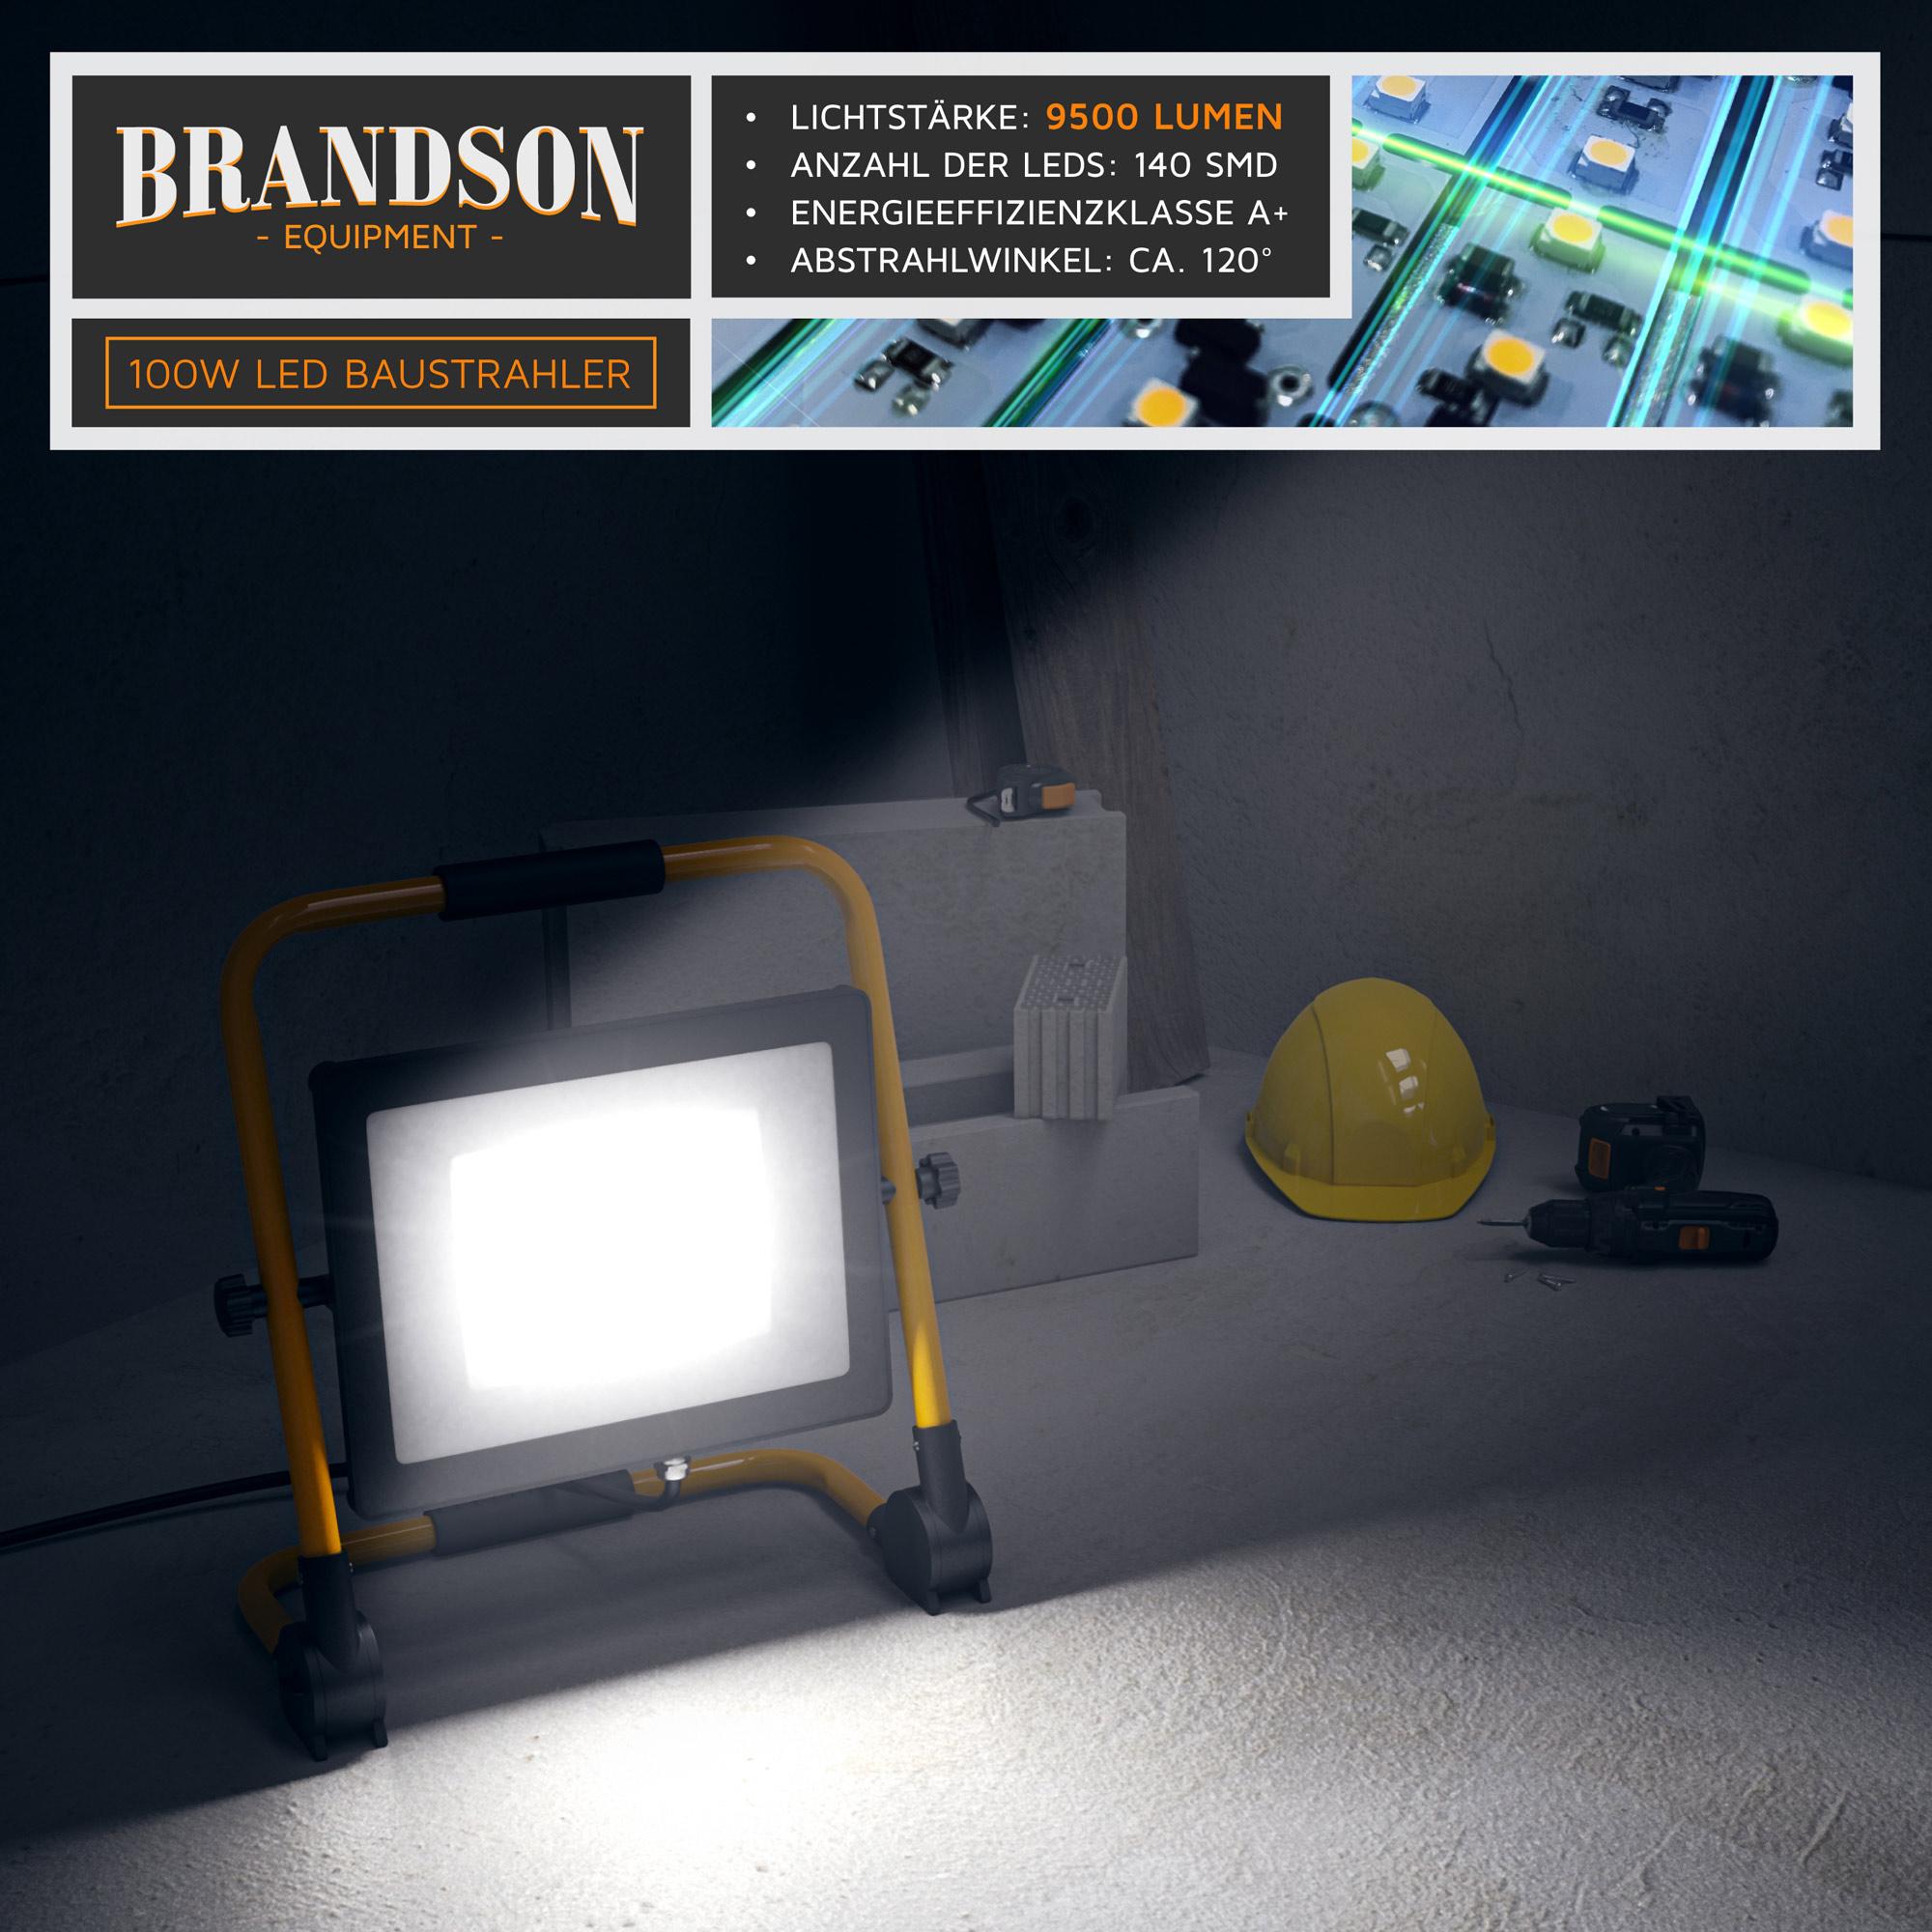 303512-LED-Baustrahler-100W_grafik3.jpg